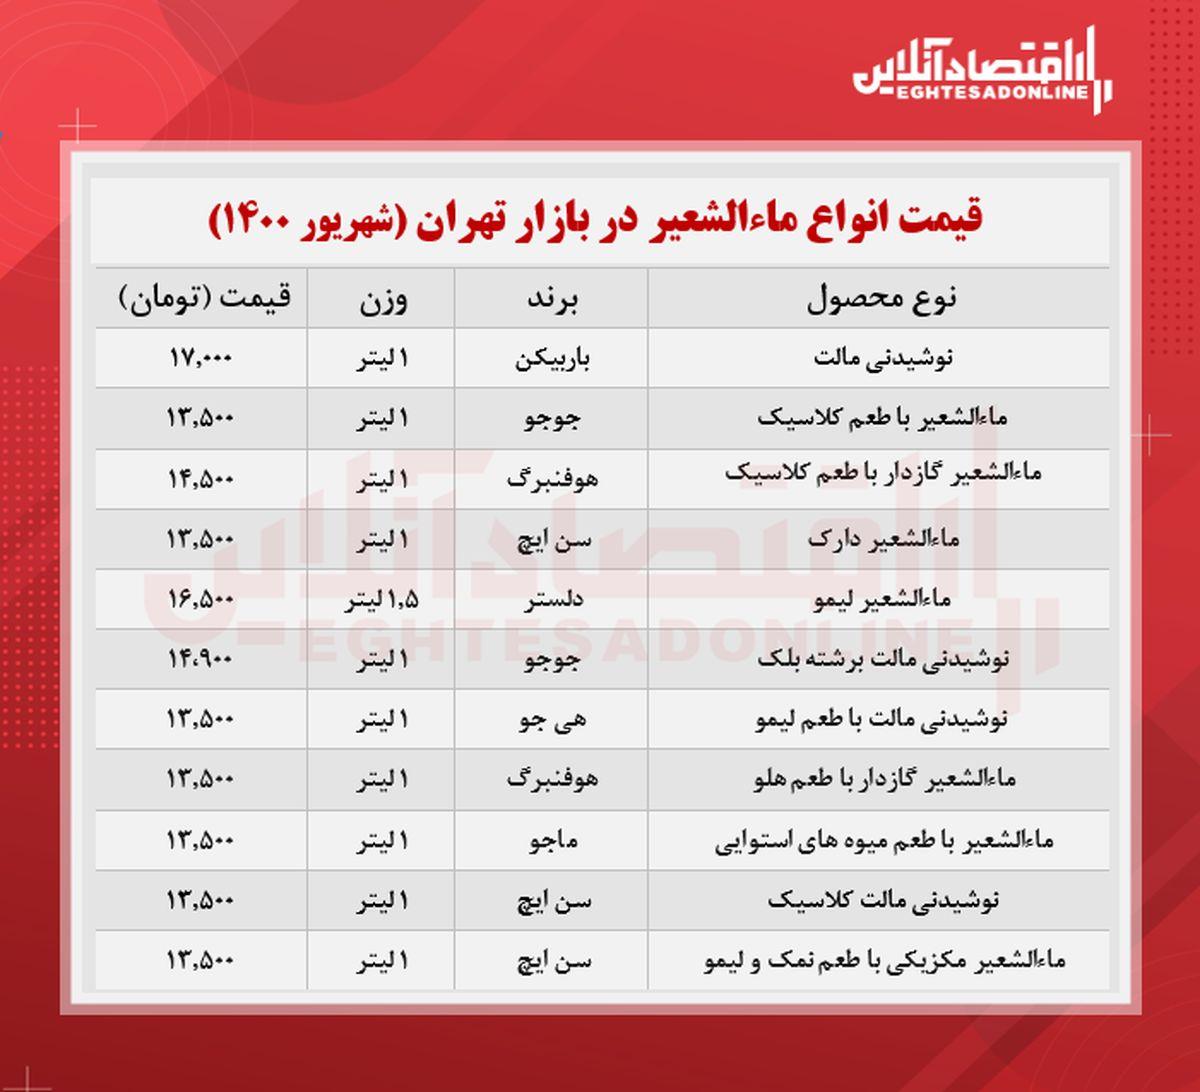 قیمت جدید ماء الشعیر در بازار (شهریور۱۴۰۰) +جدول